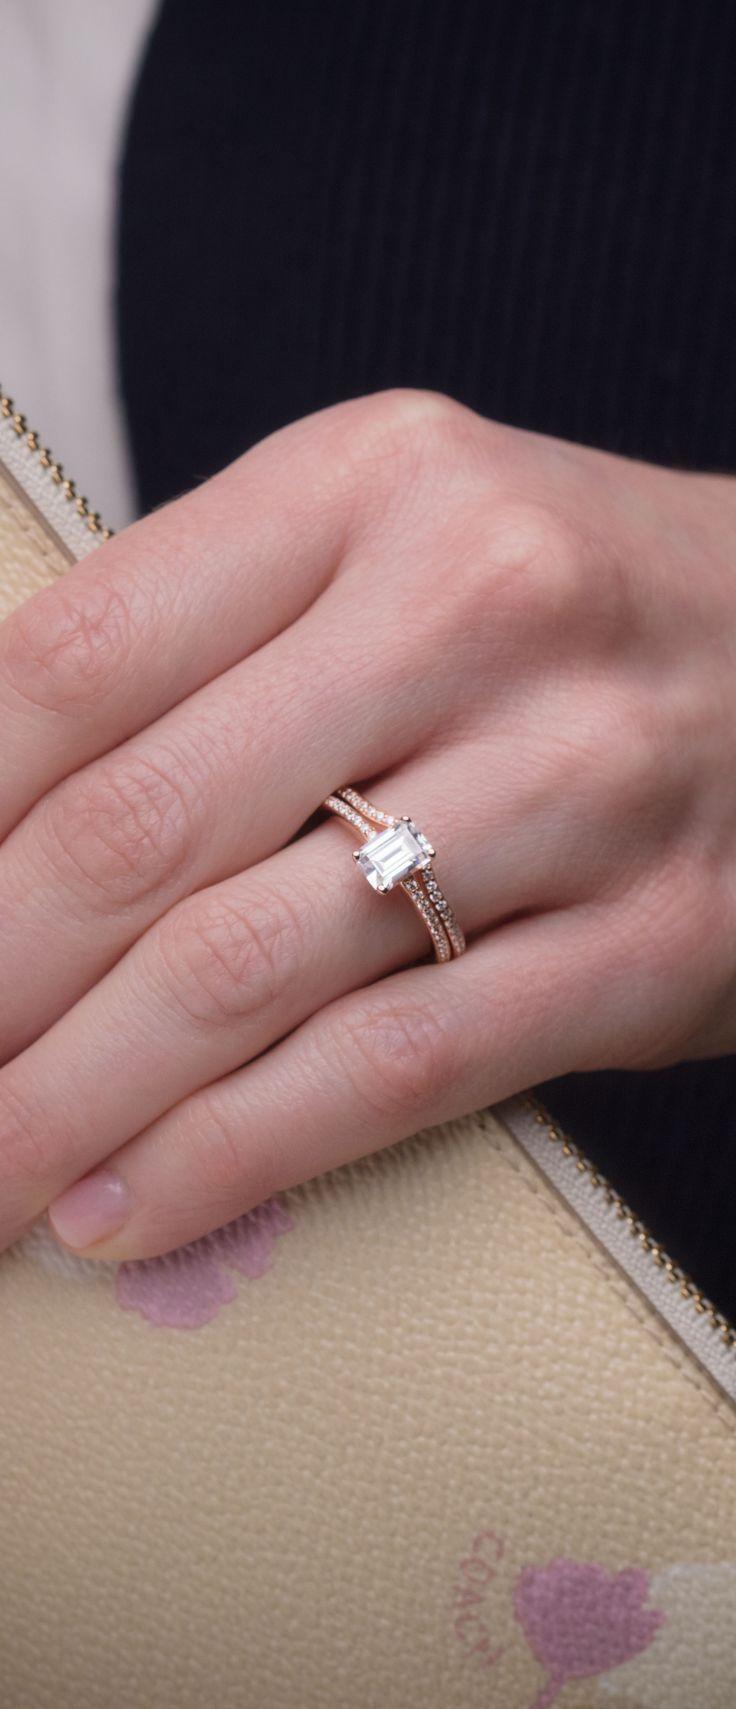 60 best Rose Gold images on Pinterest | Rose gold, Charm bracelets ...